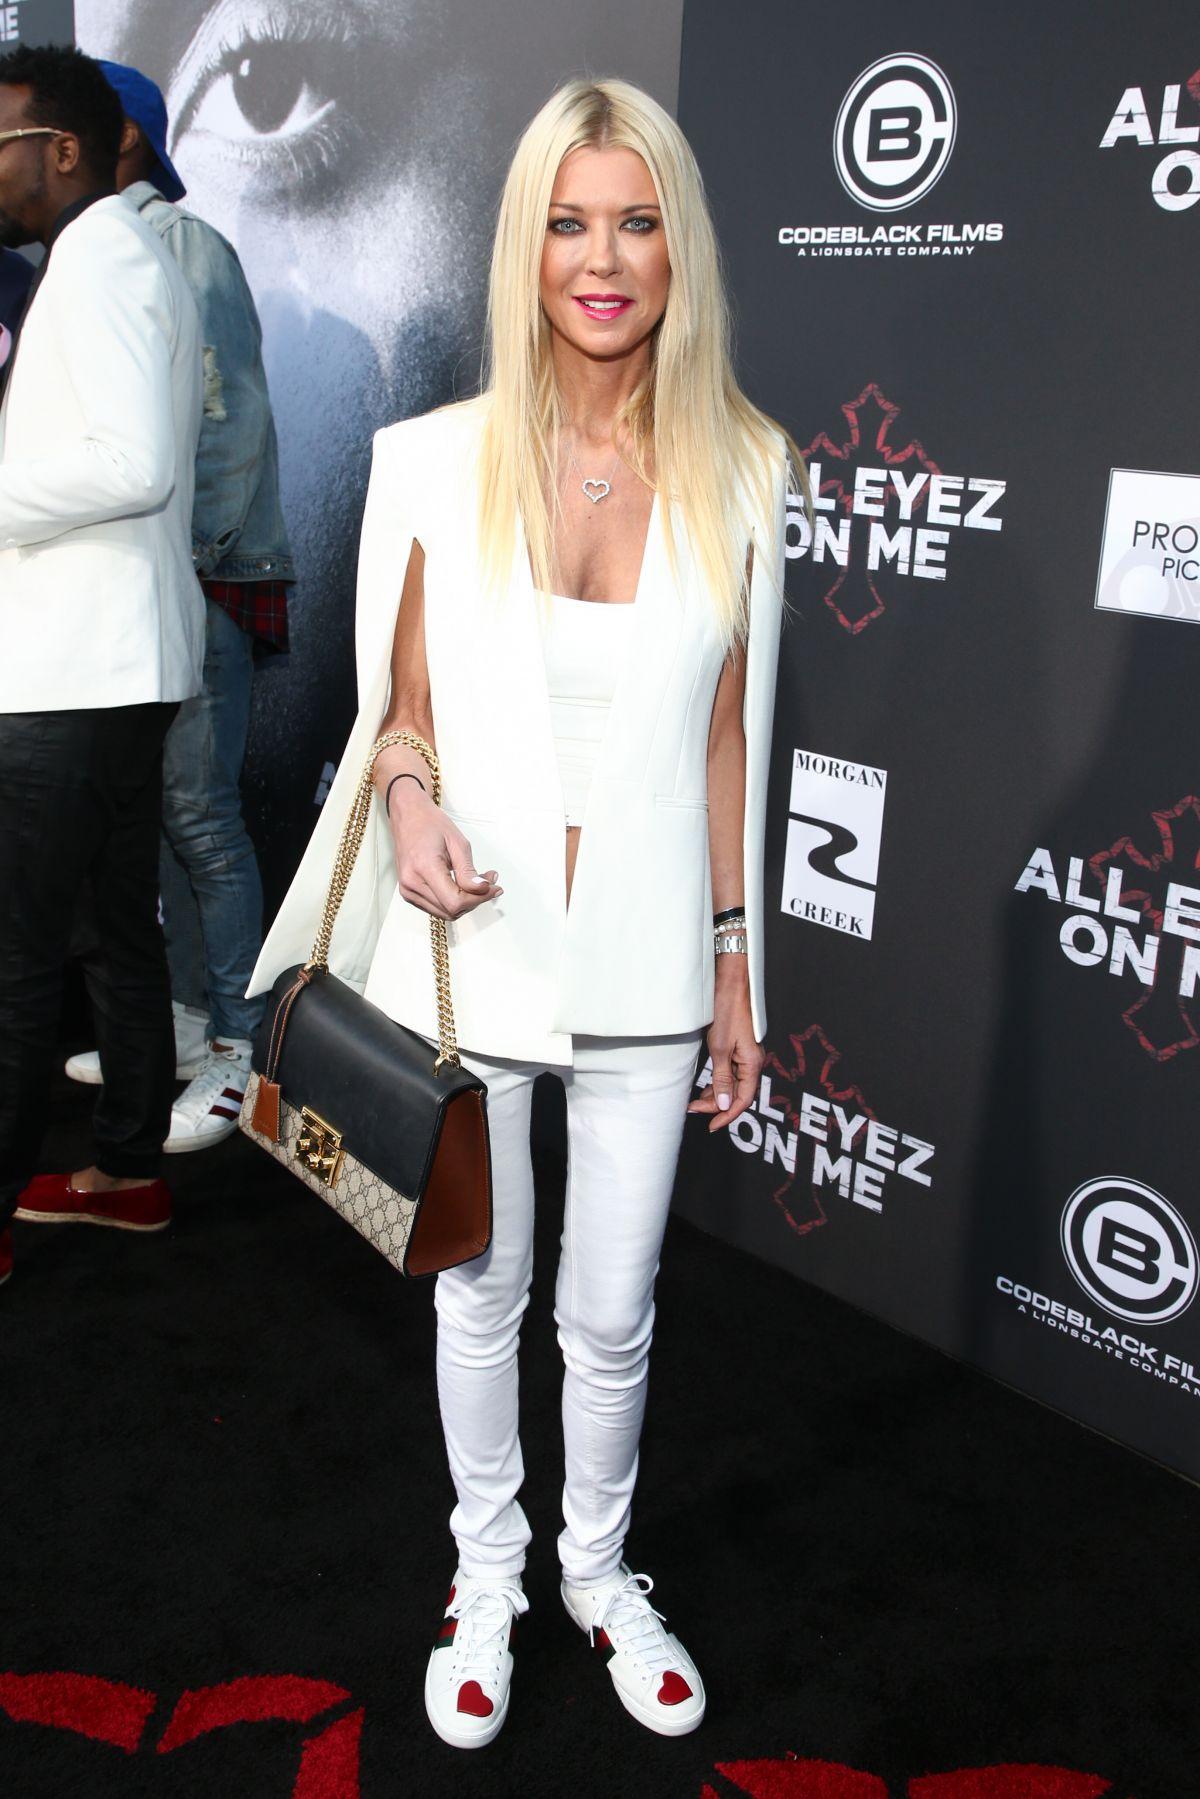 TARA REID at All Eyez on Me Premiere in Los Angeles 06/14 ...